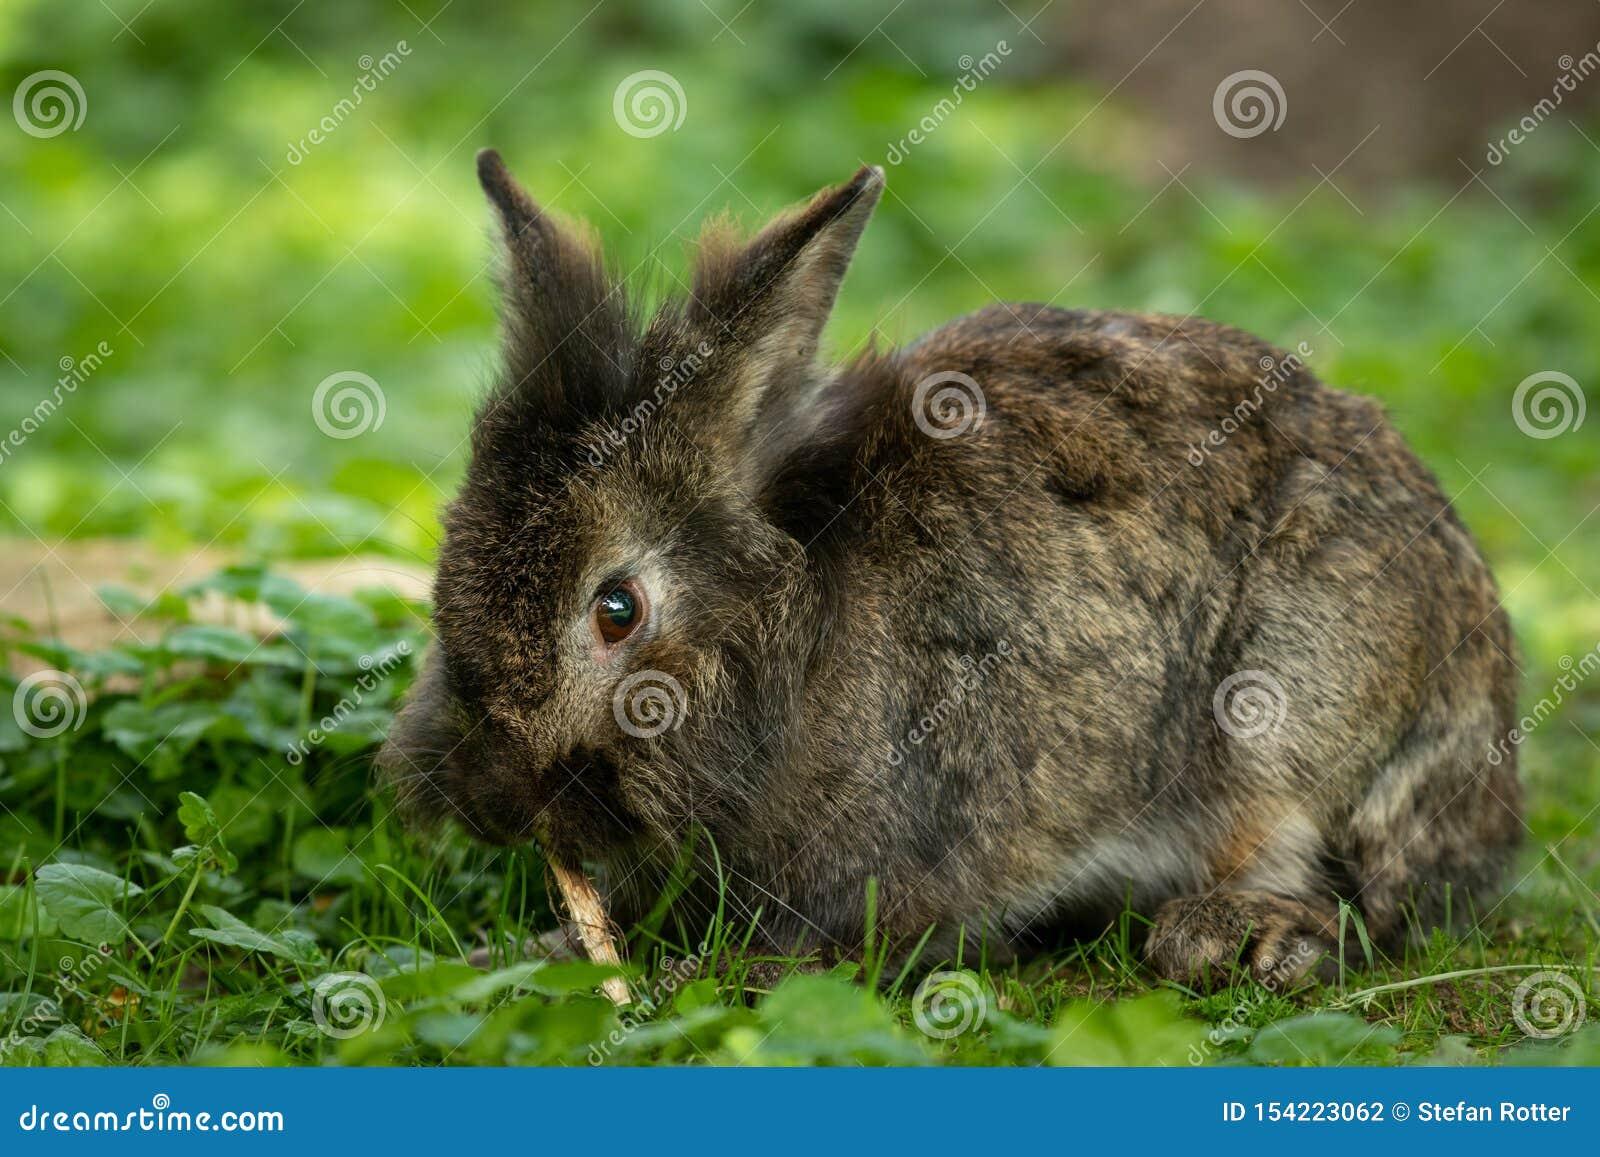 Un conejo enano lindo marrón que mordisca en una pequeña ramita